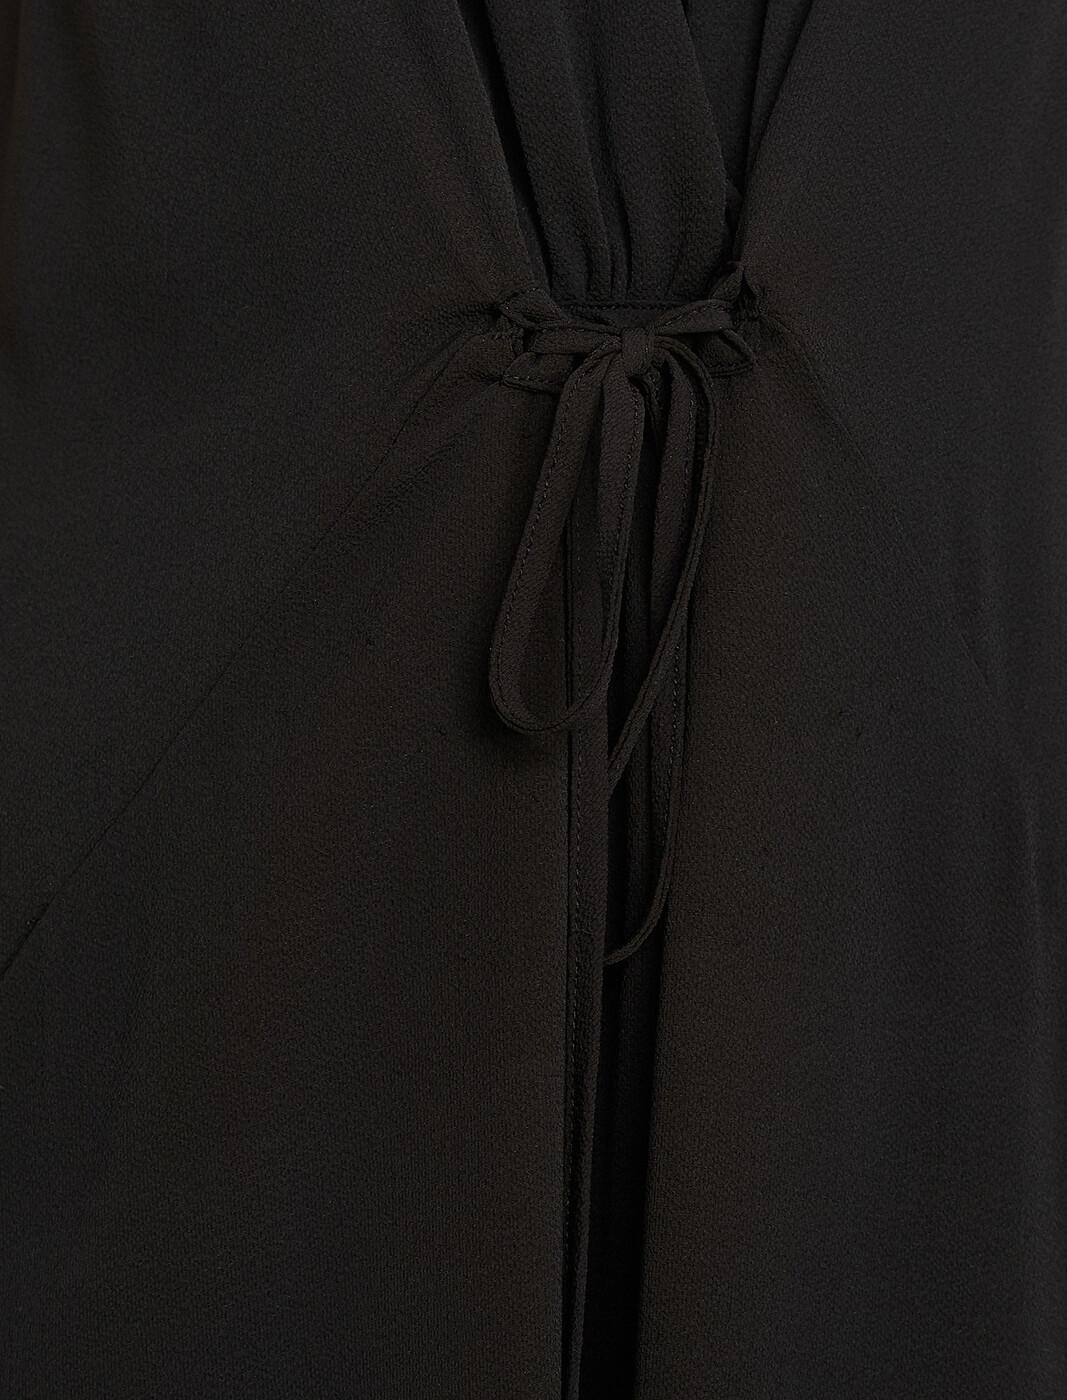 Матрас LunaTown Aloe Vera Comfort, со съемным чехлом, белый, 119 х 56 х 12 см